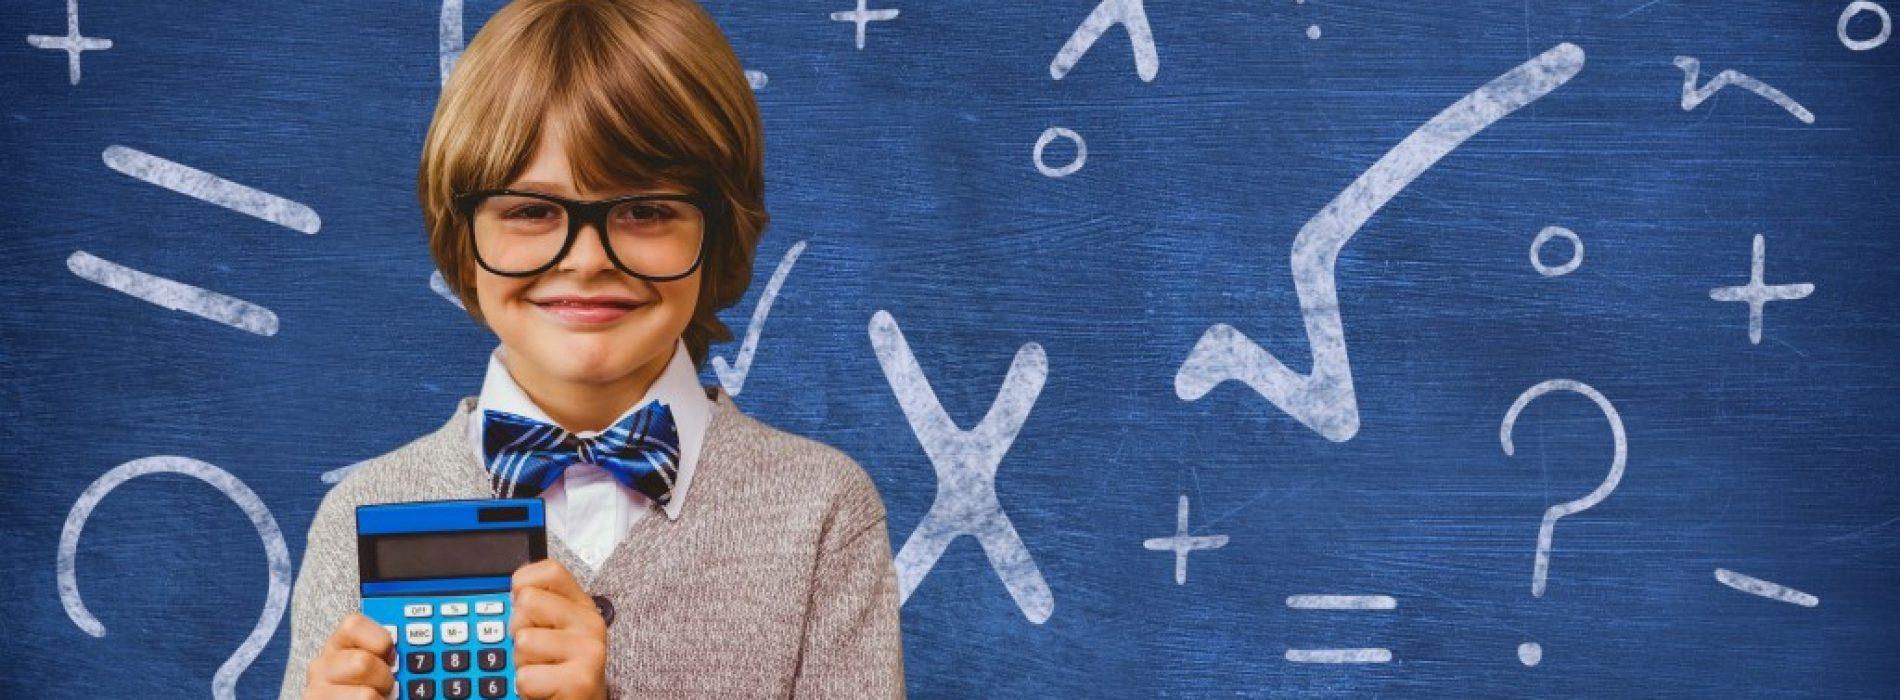 Как да научим децата на финансова грамотност?